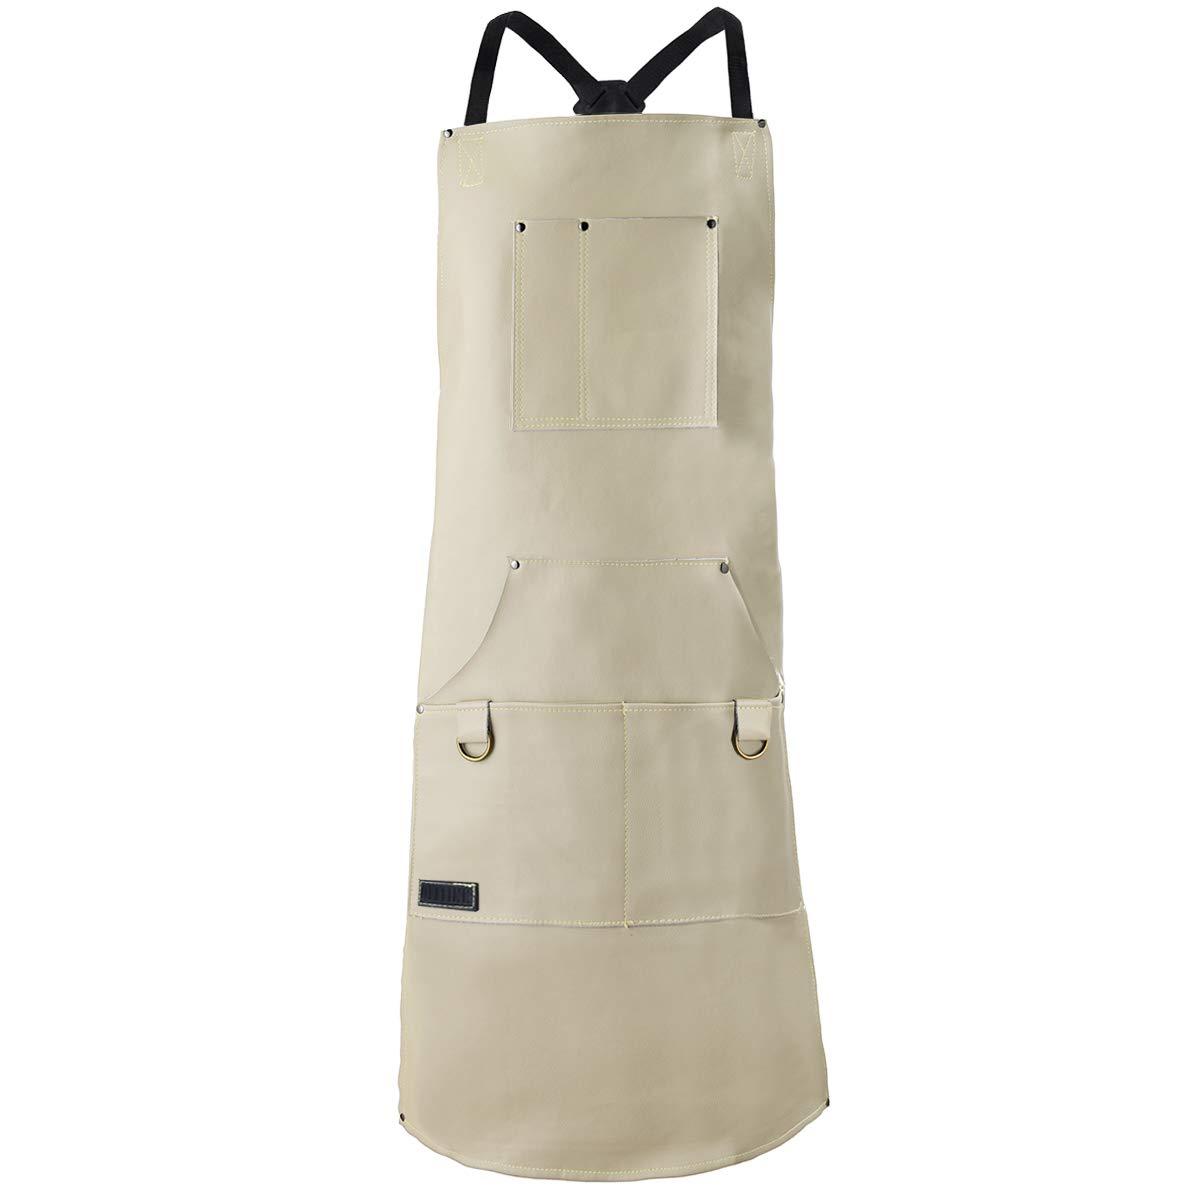 QeeLink レザーシェフエプロン キッチン BBQ グリル用 6ポケット ホワイト   B07K1CX3NP